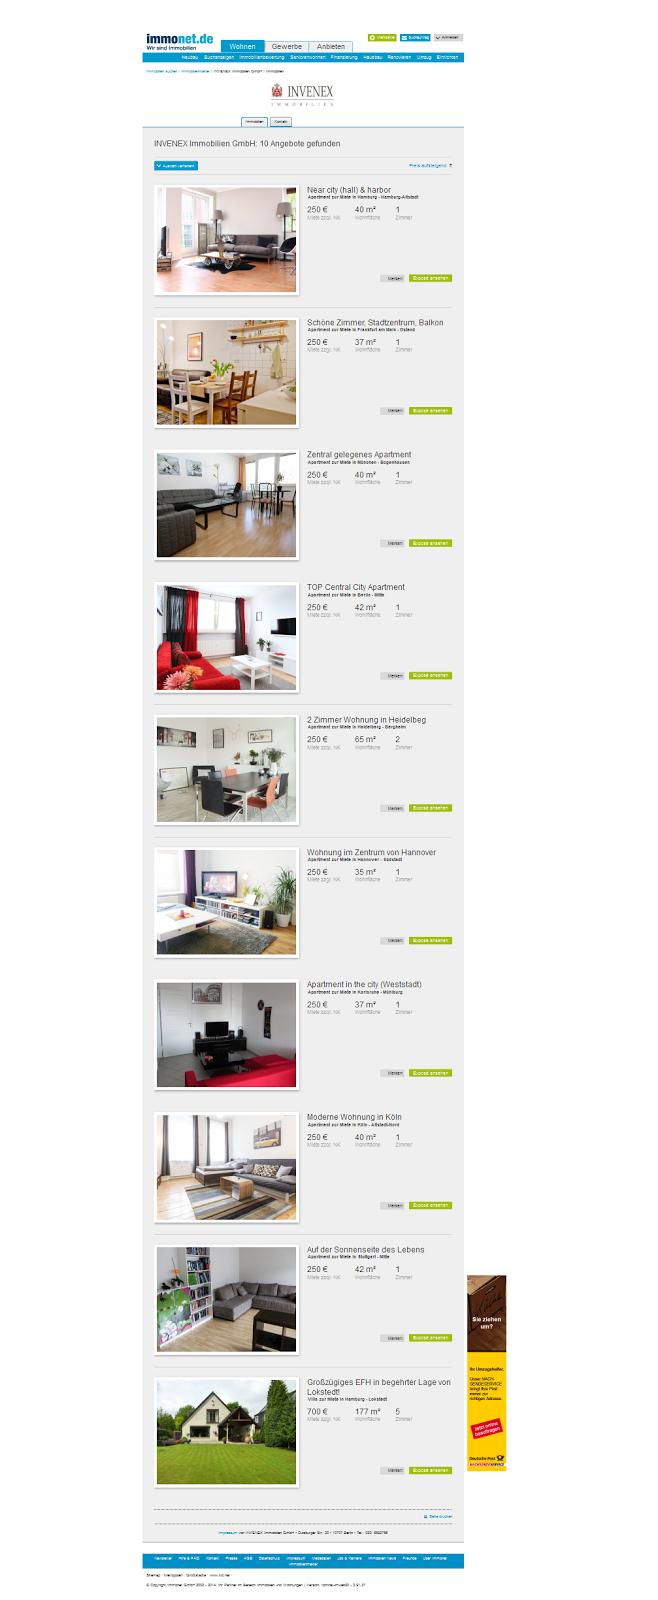 Wohnungsbetrug.blogspot.com